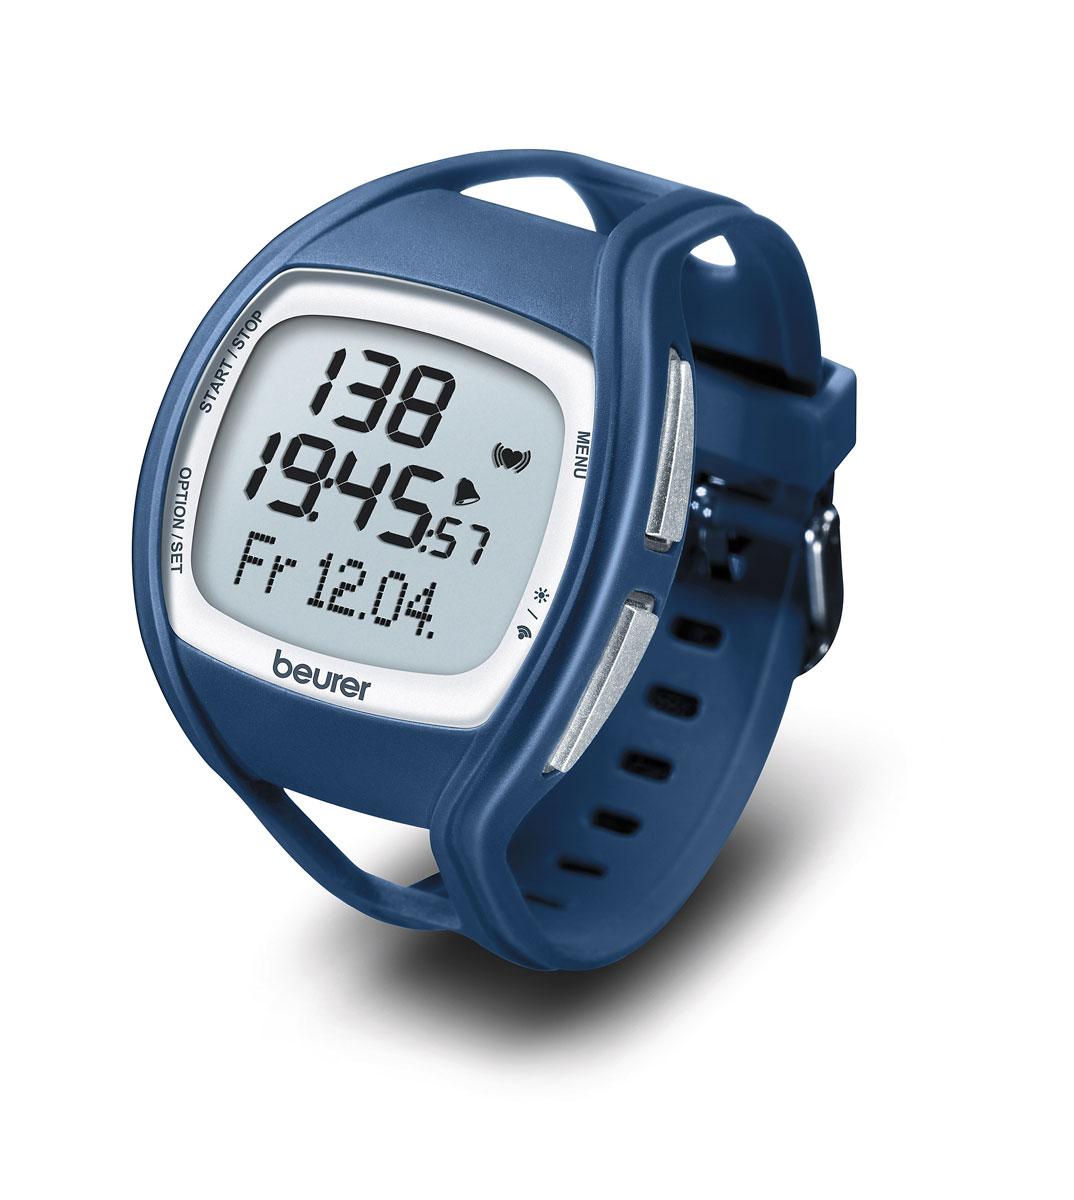 Пульсотахометр Beurer PM451092061Наручные часы-пульсометр Beurer PM45 с нагрудным ремнем и сменным браслетом. Прибор подсчитывает частоту пульса, расход энергии и количество сожженного жира за время тренировки. Функции часов, календаря, секундомера и будильника. Данный пульсометр предназначен для измерения частоты сердечных сокращений, показания пульса снимаются при помощи нагрудного ремня. Пульсотахограф принимает сигналы пульса от находящегося на нагрудном ремне передатчика в радиусе 70 сантиметров. Нагрудный ремень состоит из двух частей - собственно нагрудного ремня и эластичной ленты. В середине внутренней стороны нагрудного ремня находятся два ребристых датчика. Оба датчика измеряют частоту сердечных сокращений, по точности соответствующую ЭКГ, и передают эту информацию в пульсотахометр. Благодаря различным вариантам настройки Вы можете использовать Вашу индивидуальную программу тренировок и контролировать пульс. Снятие показаний пульса: через нагрудный ремень Передача...